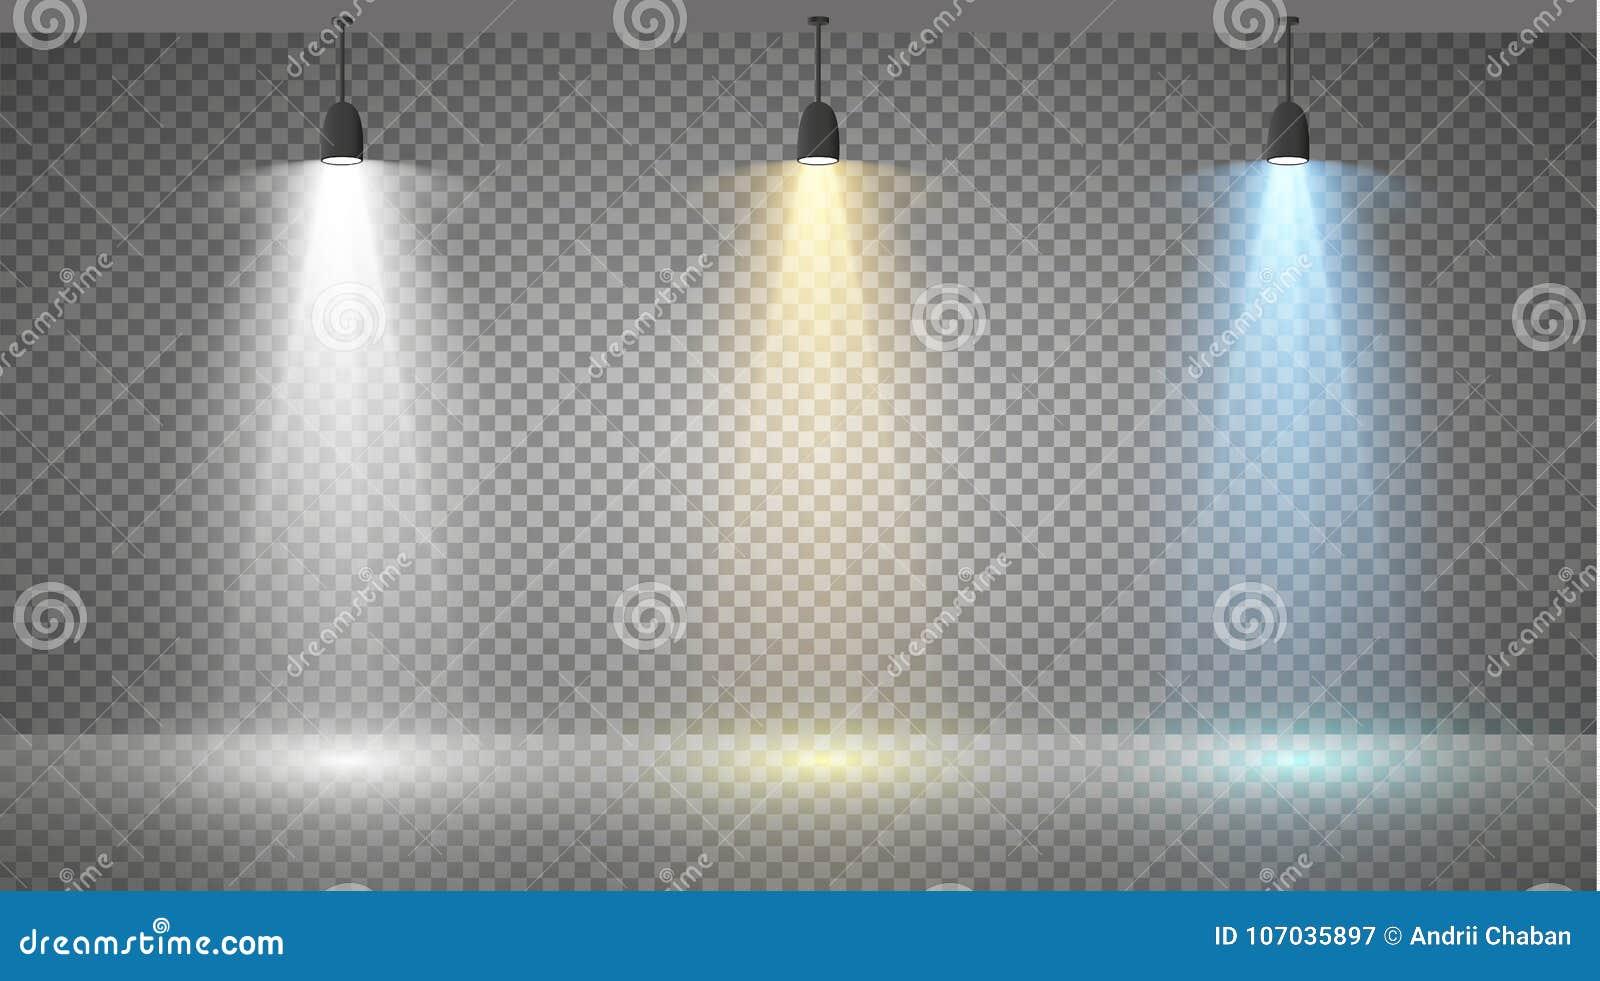 Insieme dei proiettori colorati su un fondo trasparente